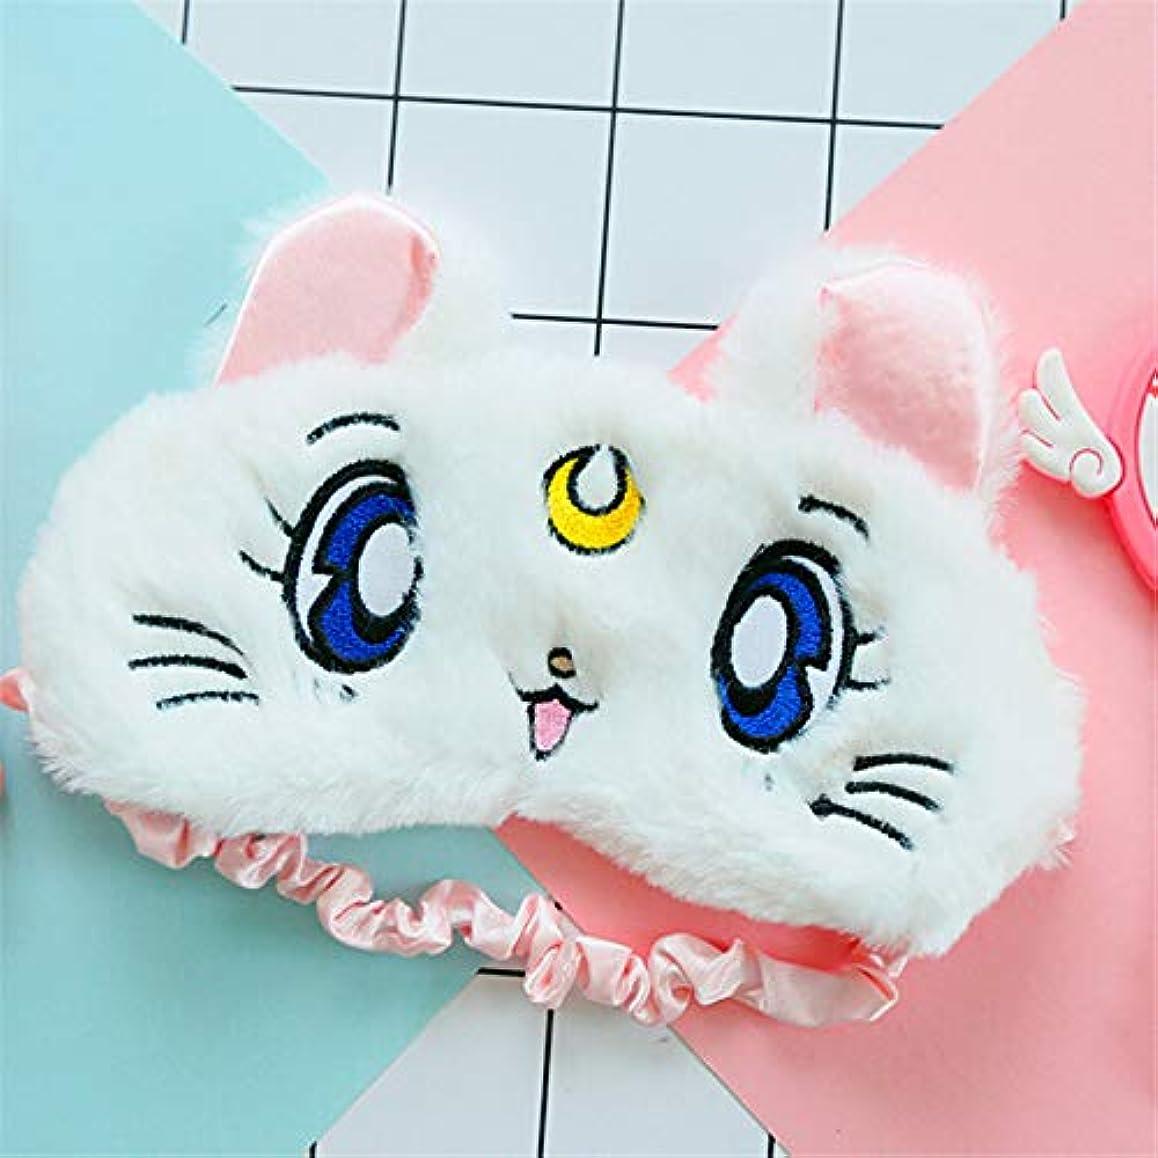 NOTE 旅行休息快適でかわいいアイマスクのための休息と睡眠猫パターンヘルスケアをシールドするためのライトアイシェード疲労を和らげる